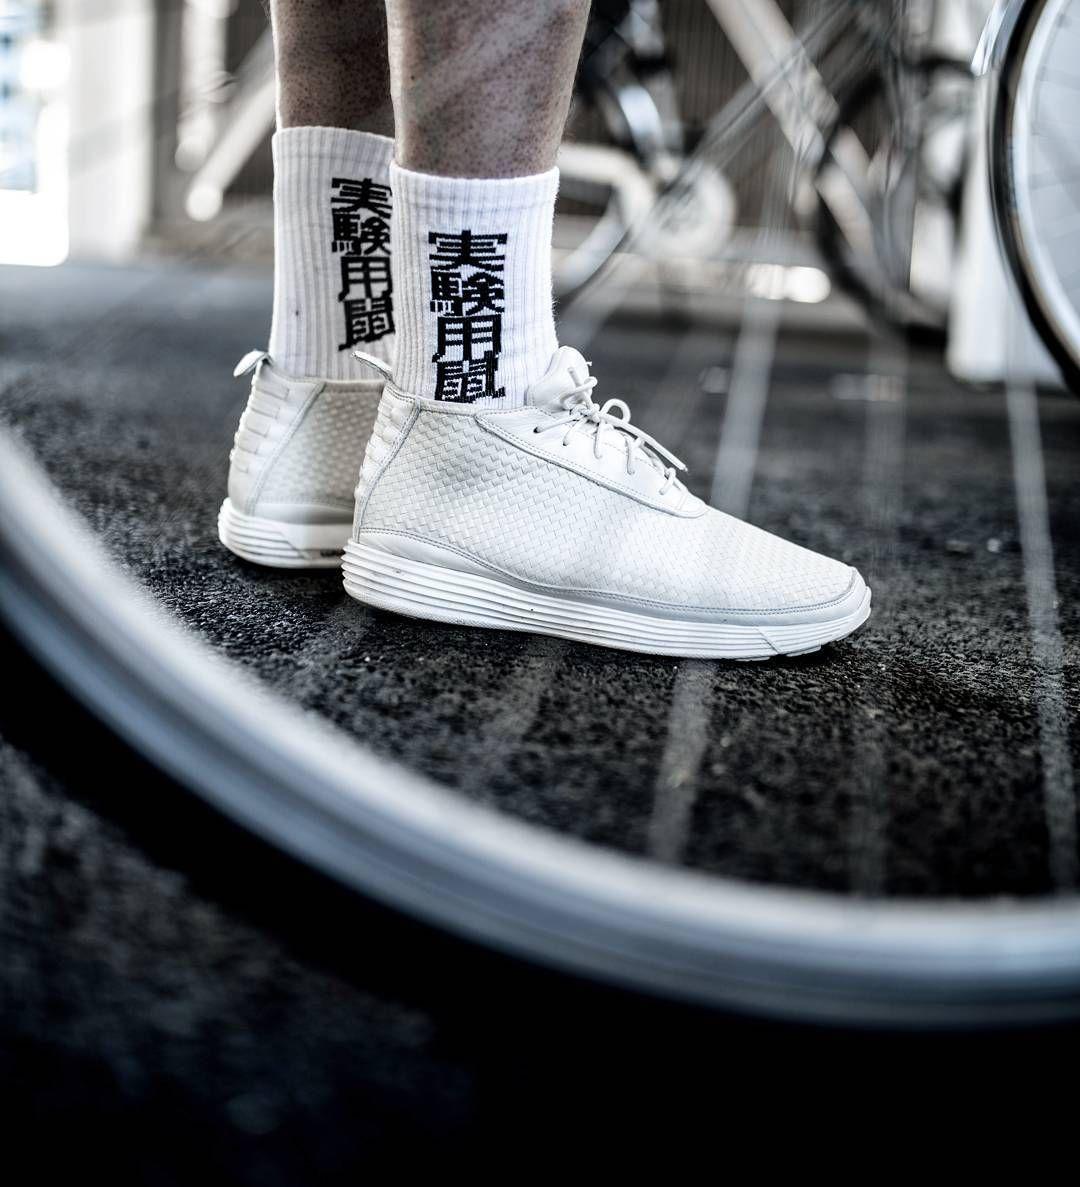 UNSTABLE FRAGMENTS | Streetwear outfit, Skate wear, Street wear